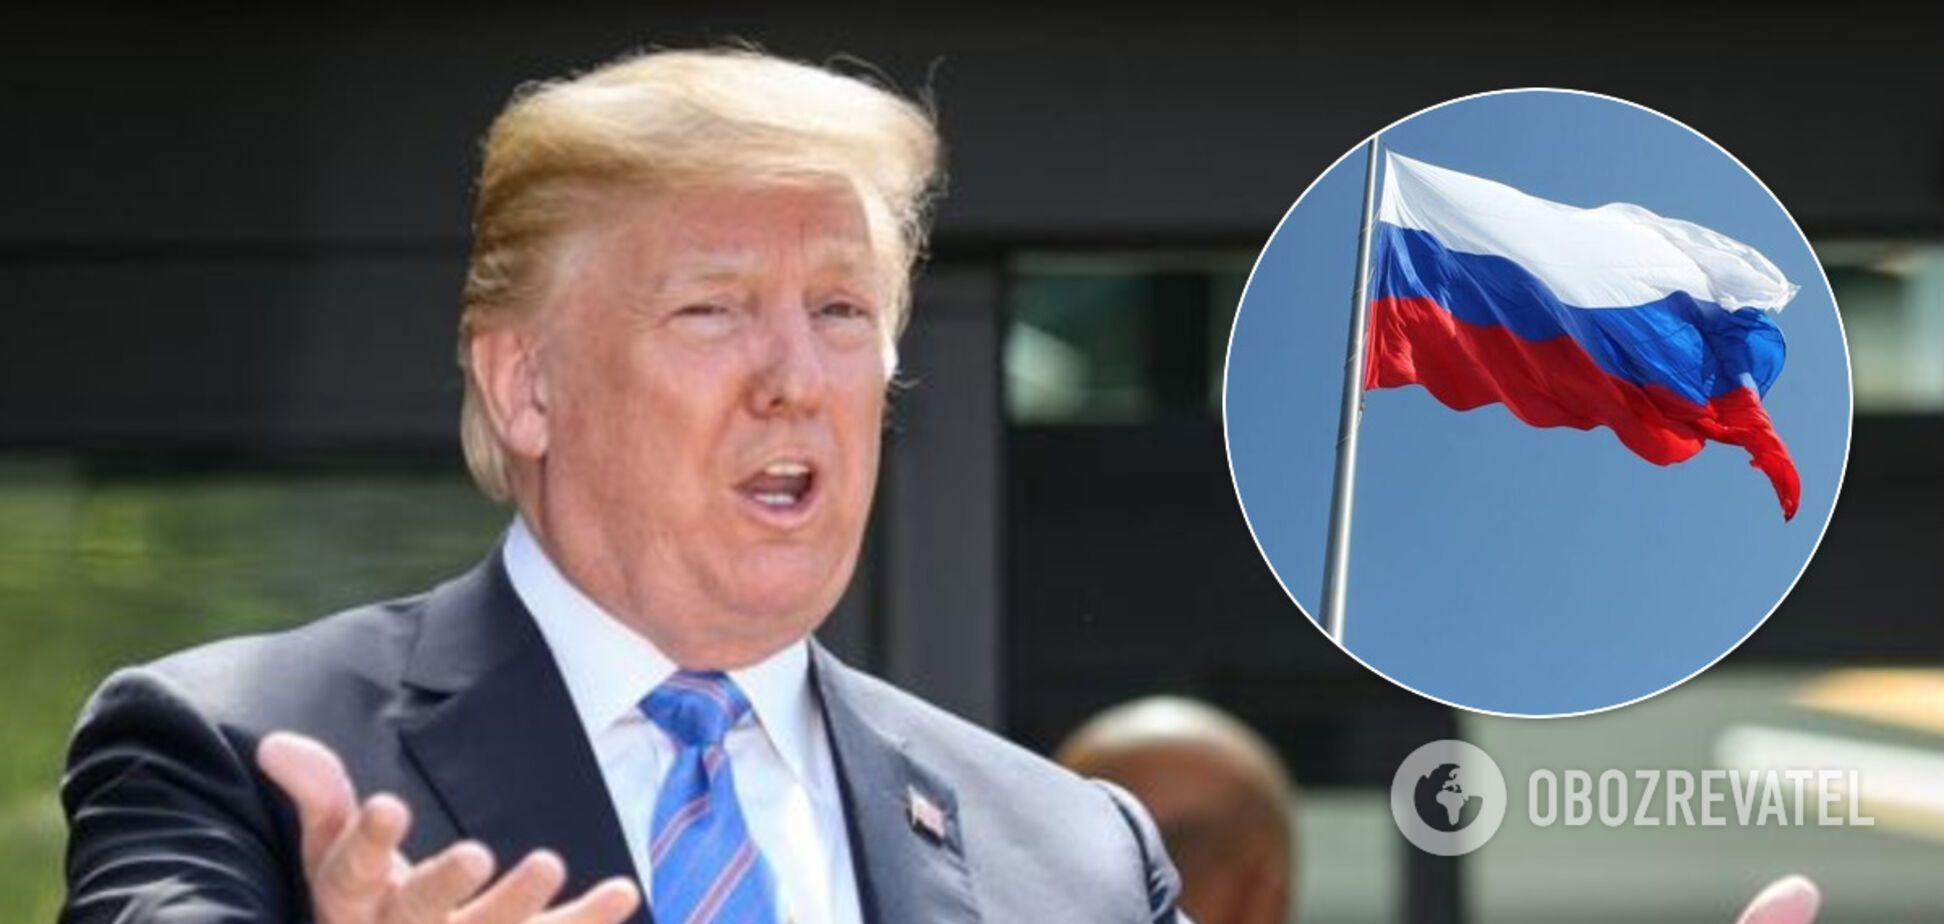 Трамп задумал вернуть Россию в G7 и перенести саммит